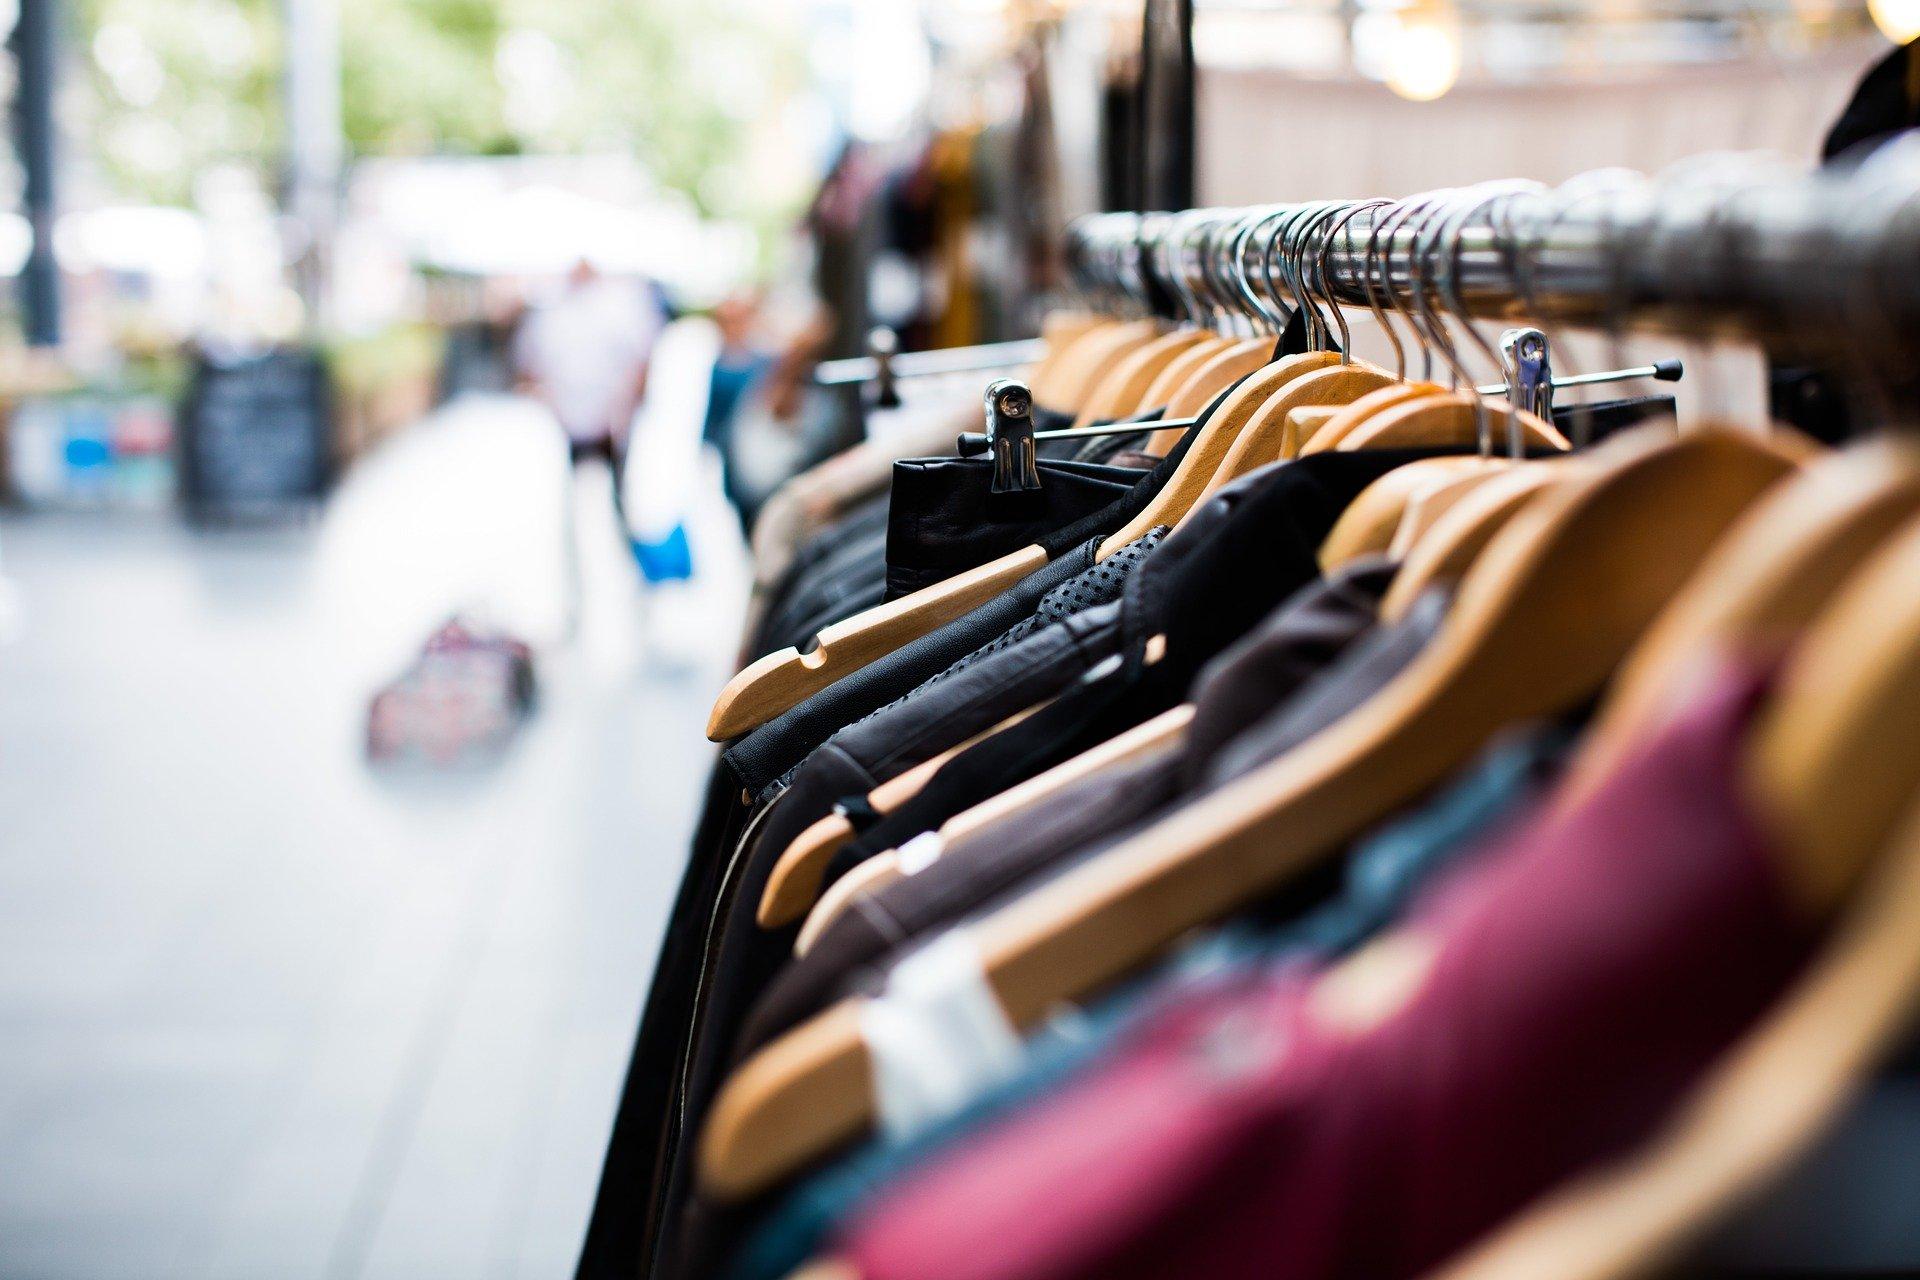 Auch der Verkauf von Textilien ist wieder erlaubt. (Symbolfoto: pixabay)